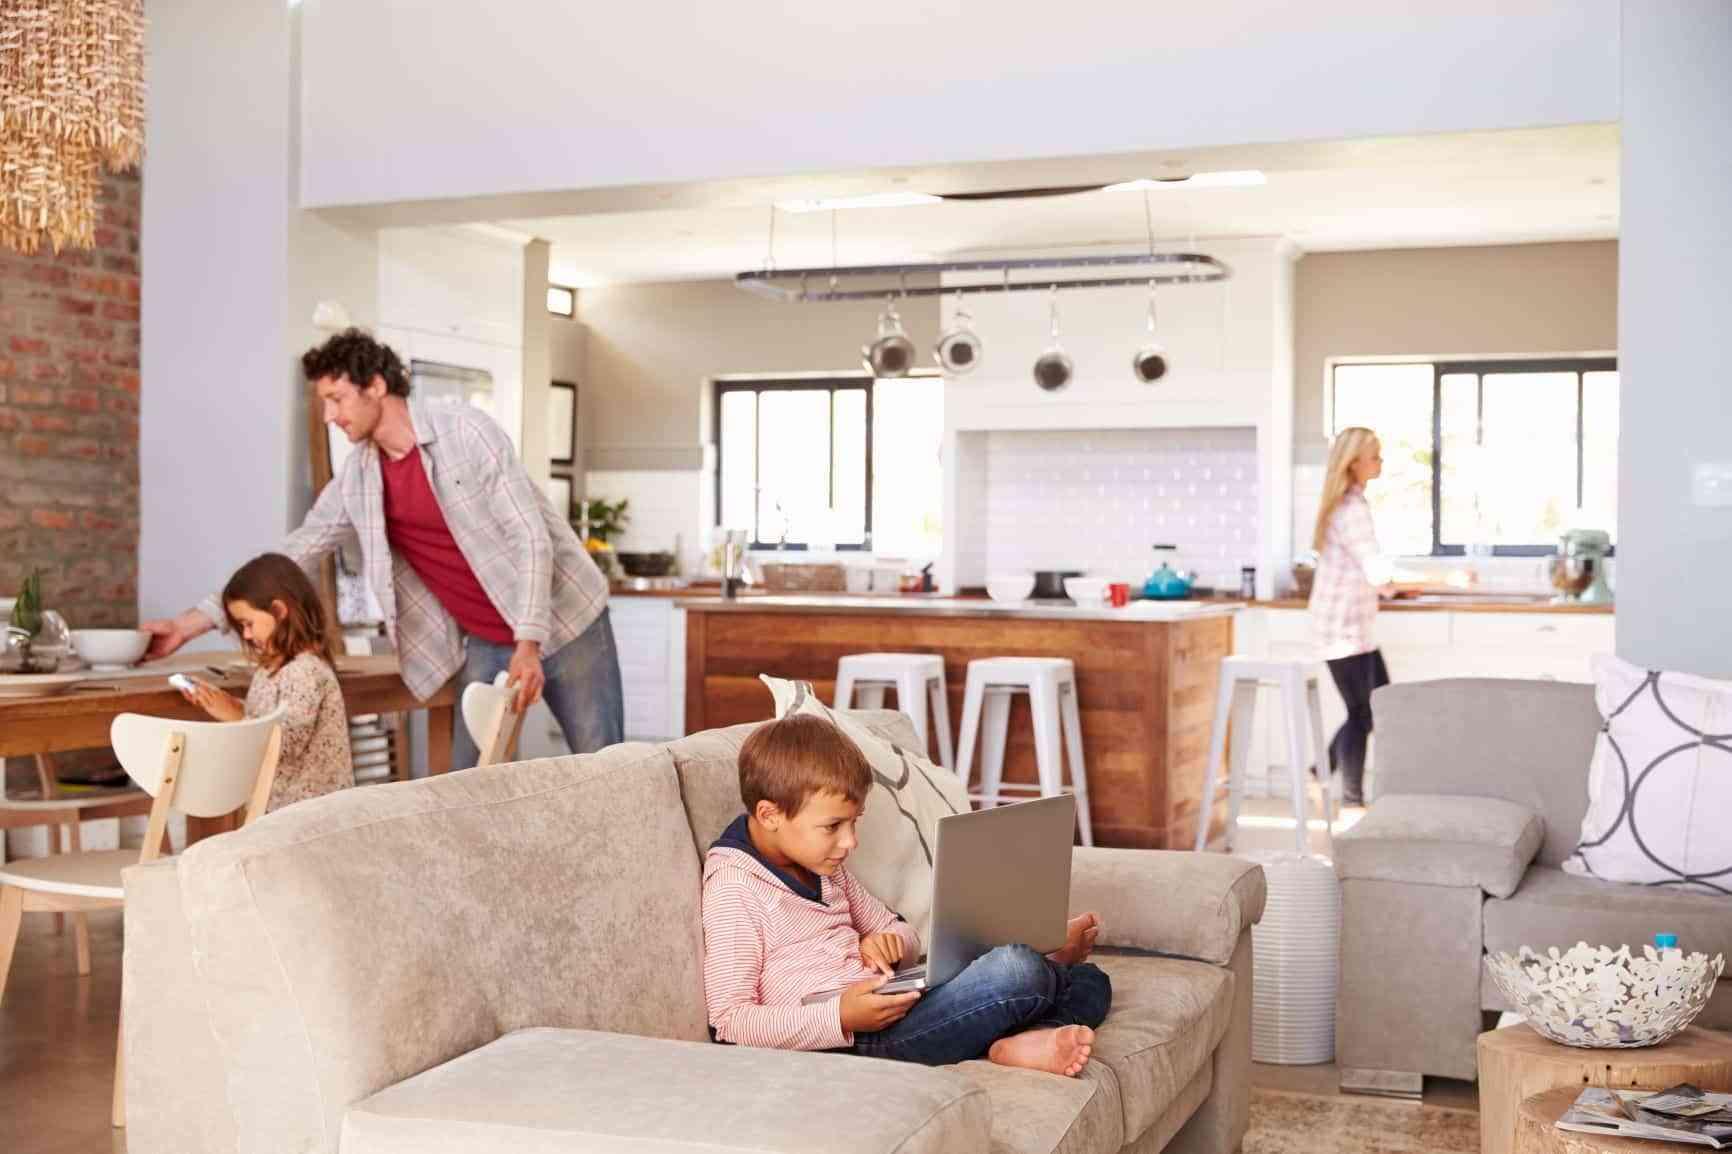 Buenas prácticas de limpieza, orden y decoración para mejorar el bienestar en el hogar 1